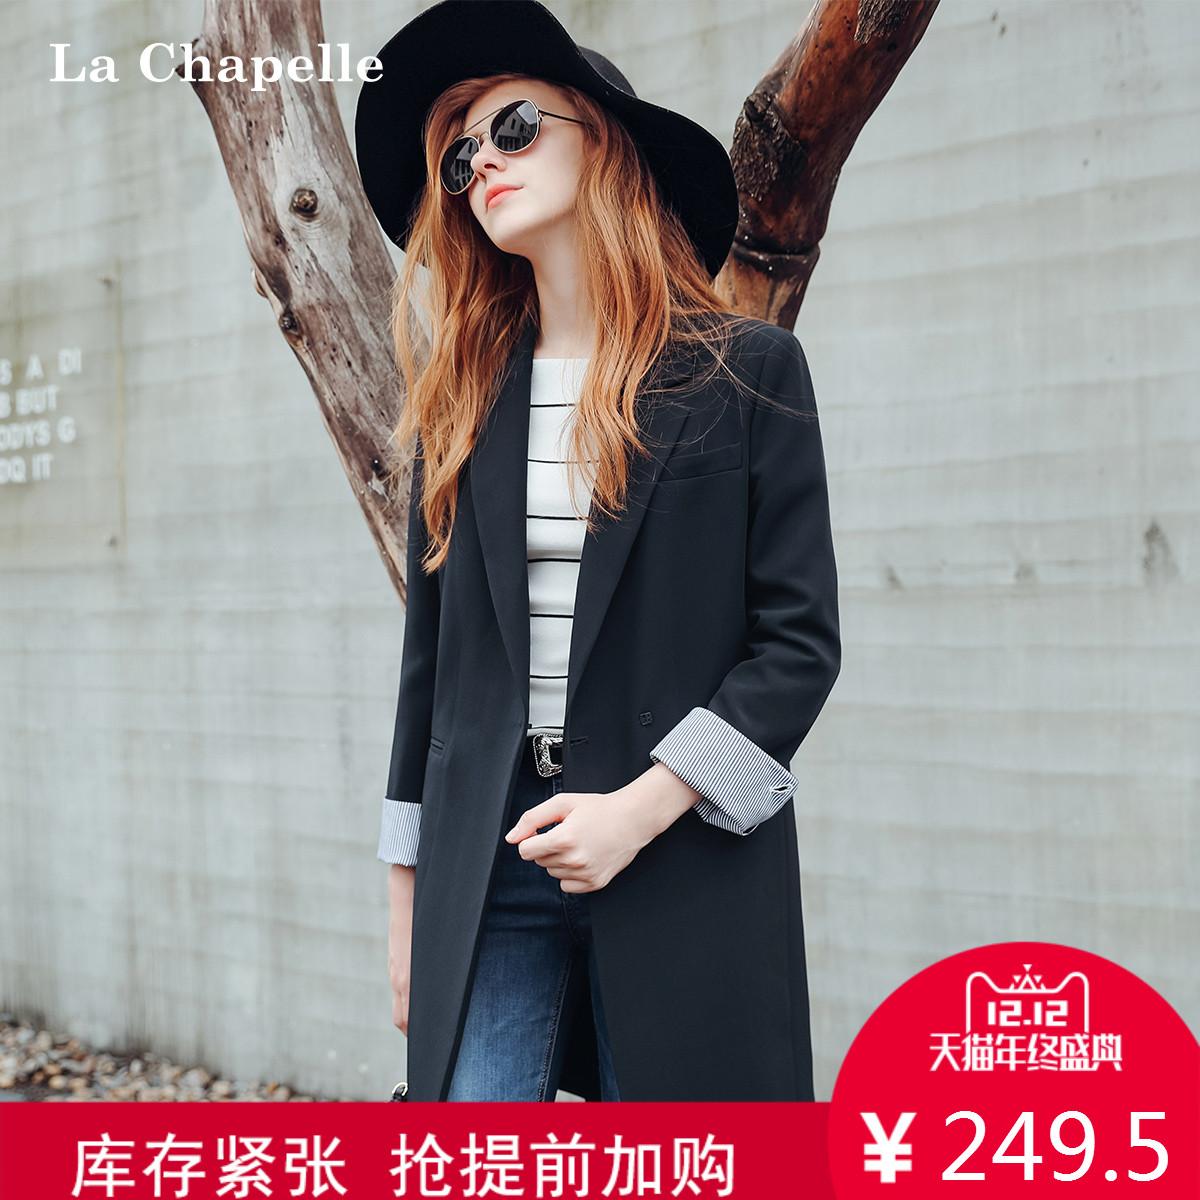 拉夏贝尔外套2017秋装新款休闲中长款修身时尚正装帅气小西装女士